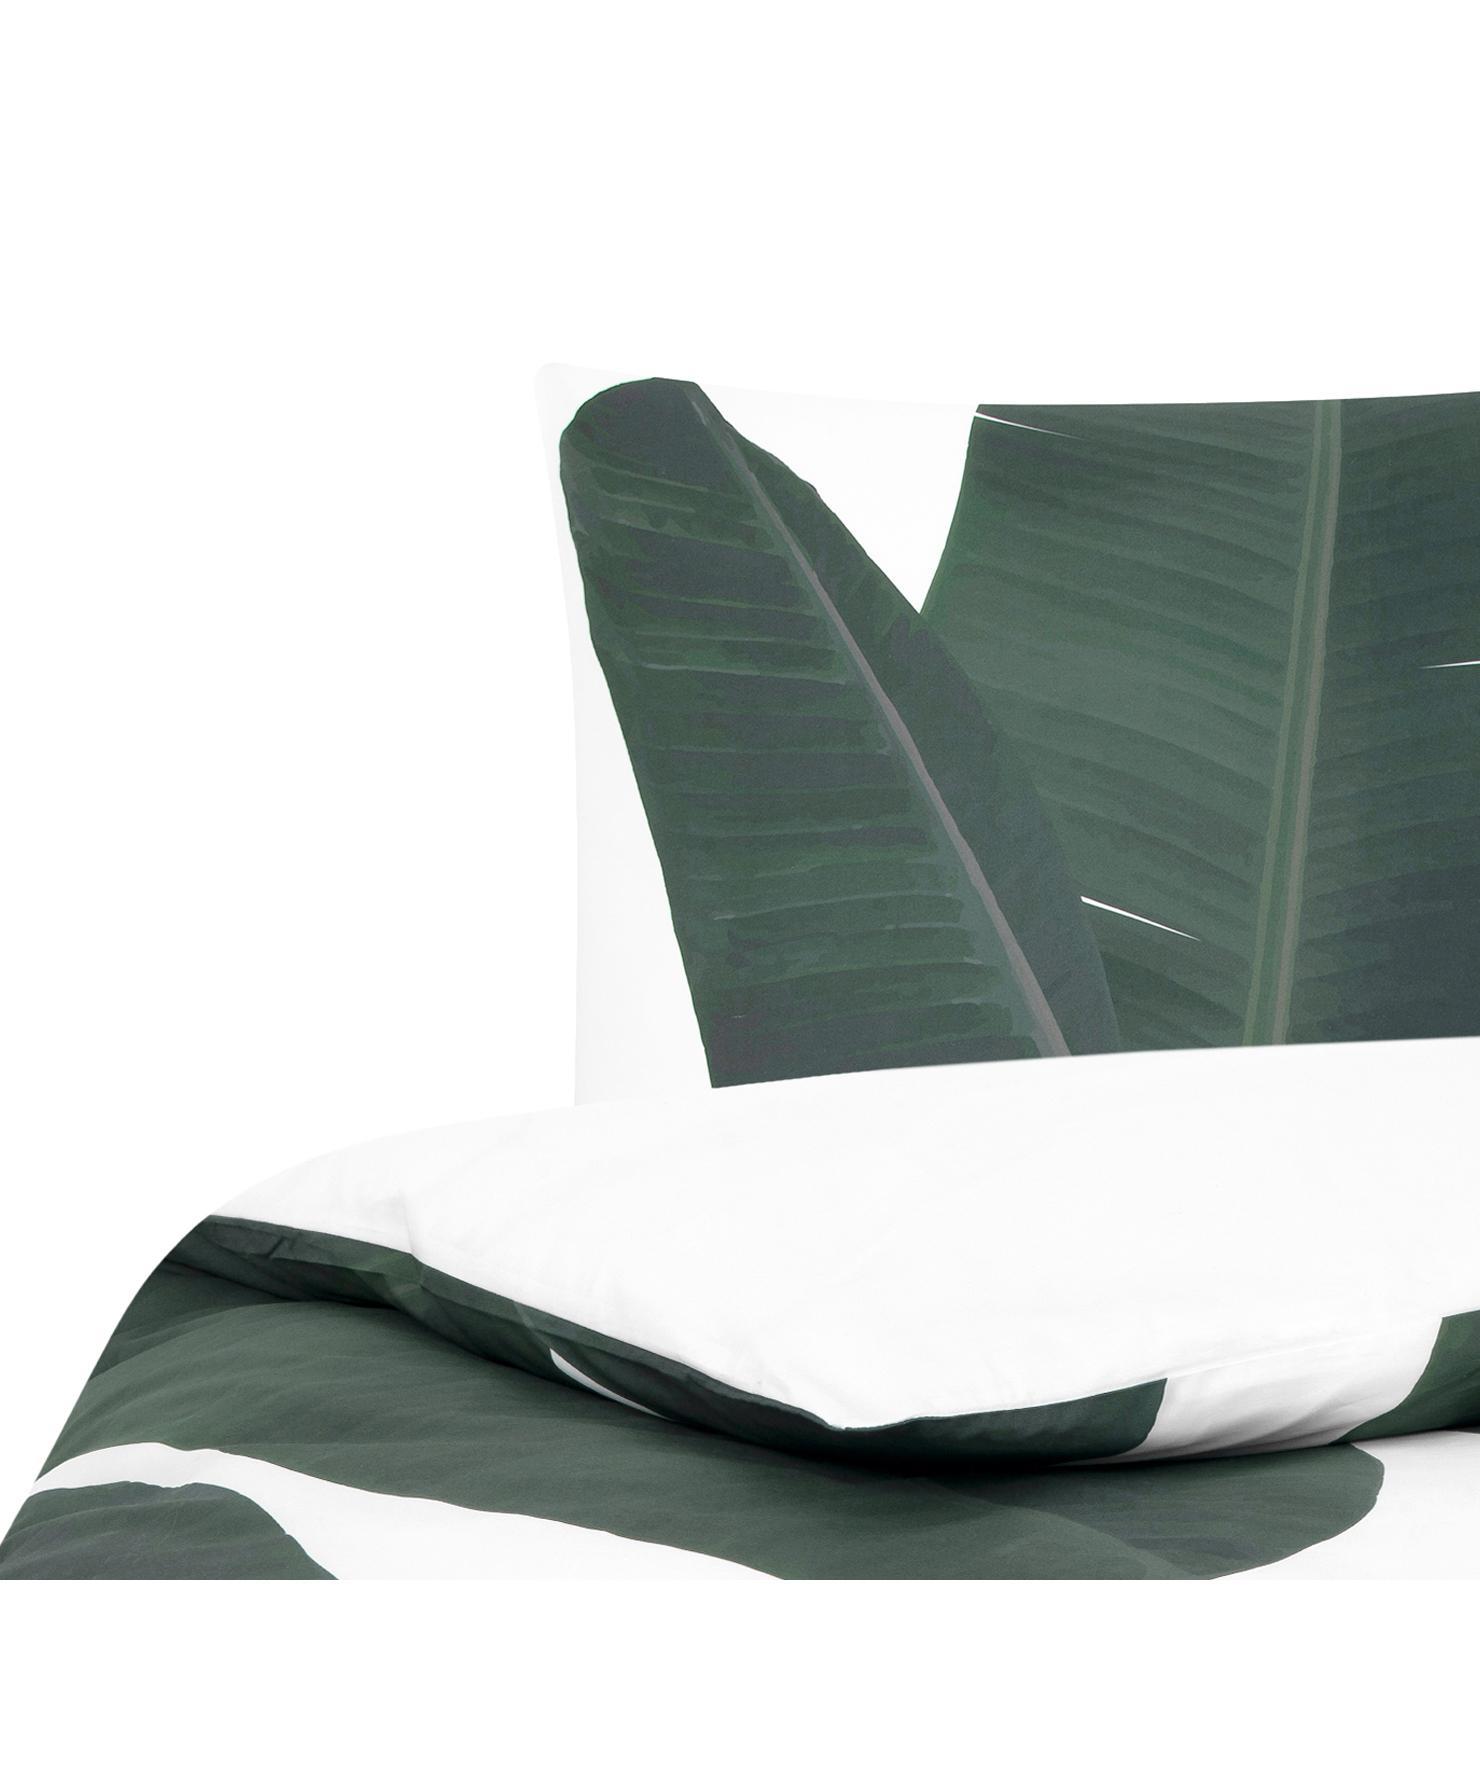 Baumwollperkal-Bettwäsche Banana mit Blattmotiv, Webart: Perkal Fadendichte 180 TC, Vorderseite: GrüntöneRückseite: Weiß, Uni, 135 x 200 cm + 1 Kissen 80 x 80 cm